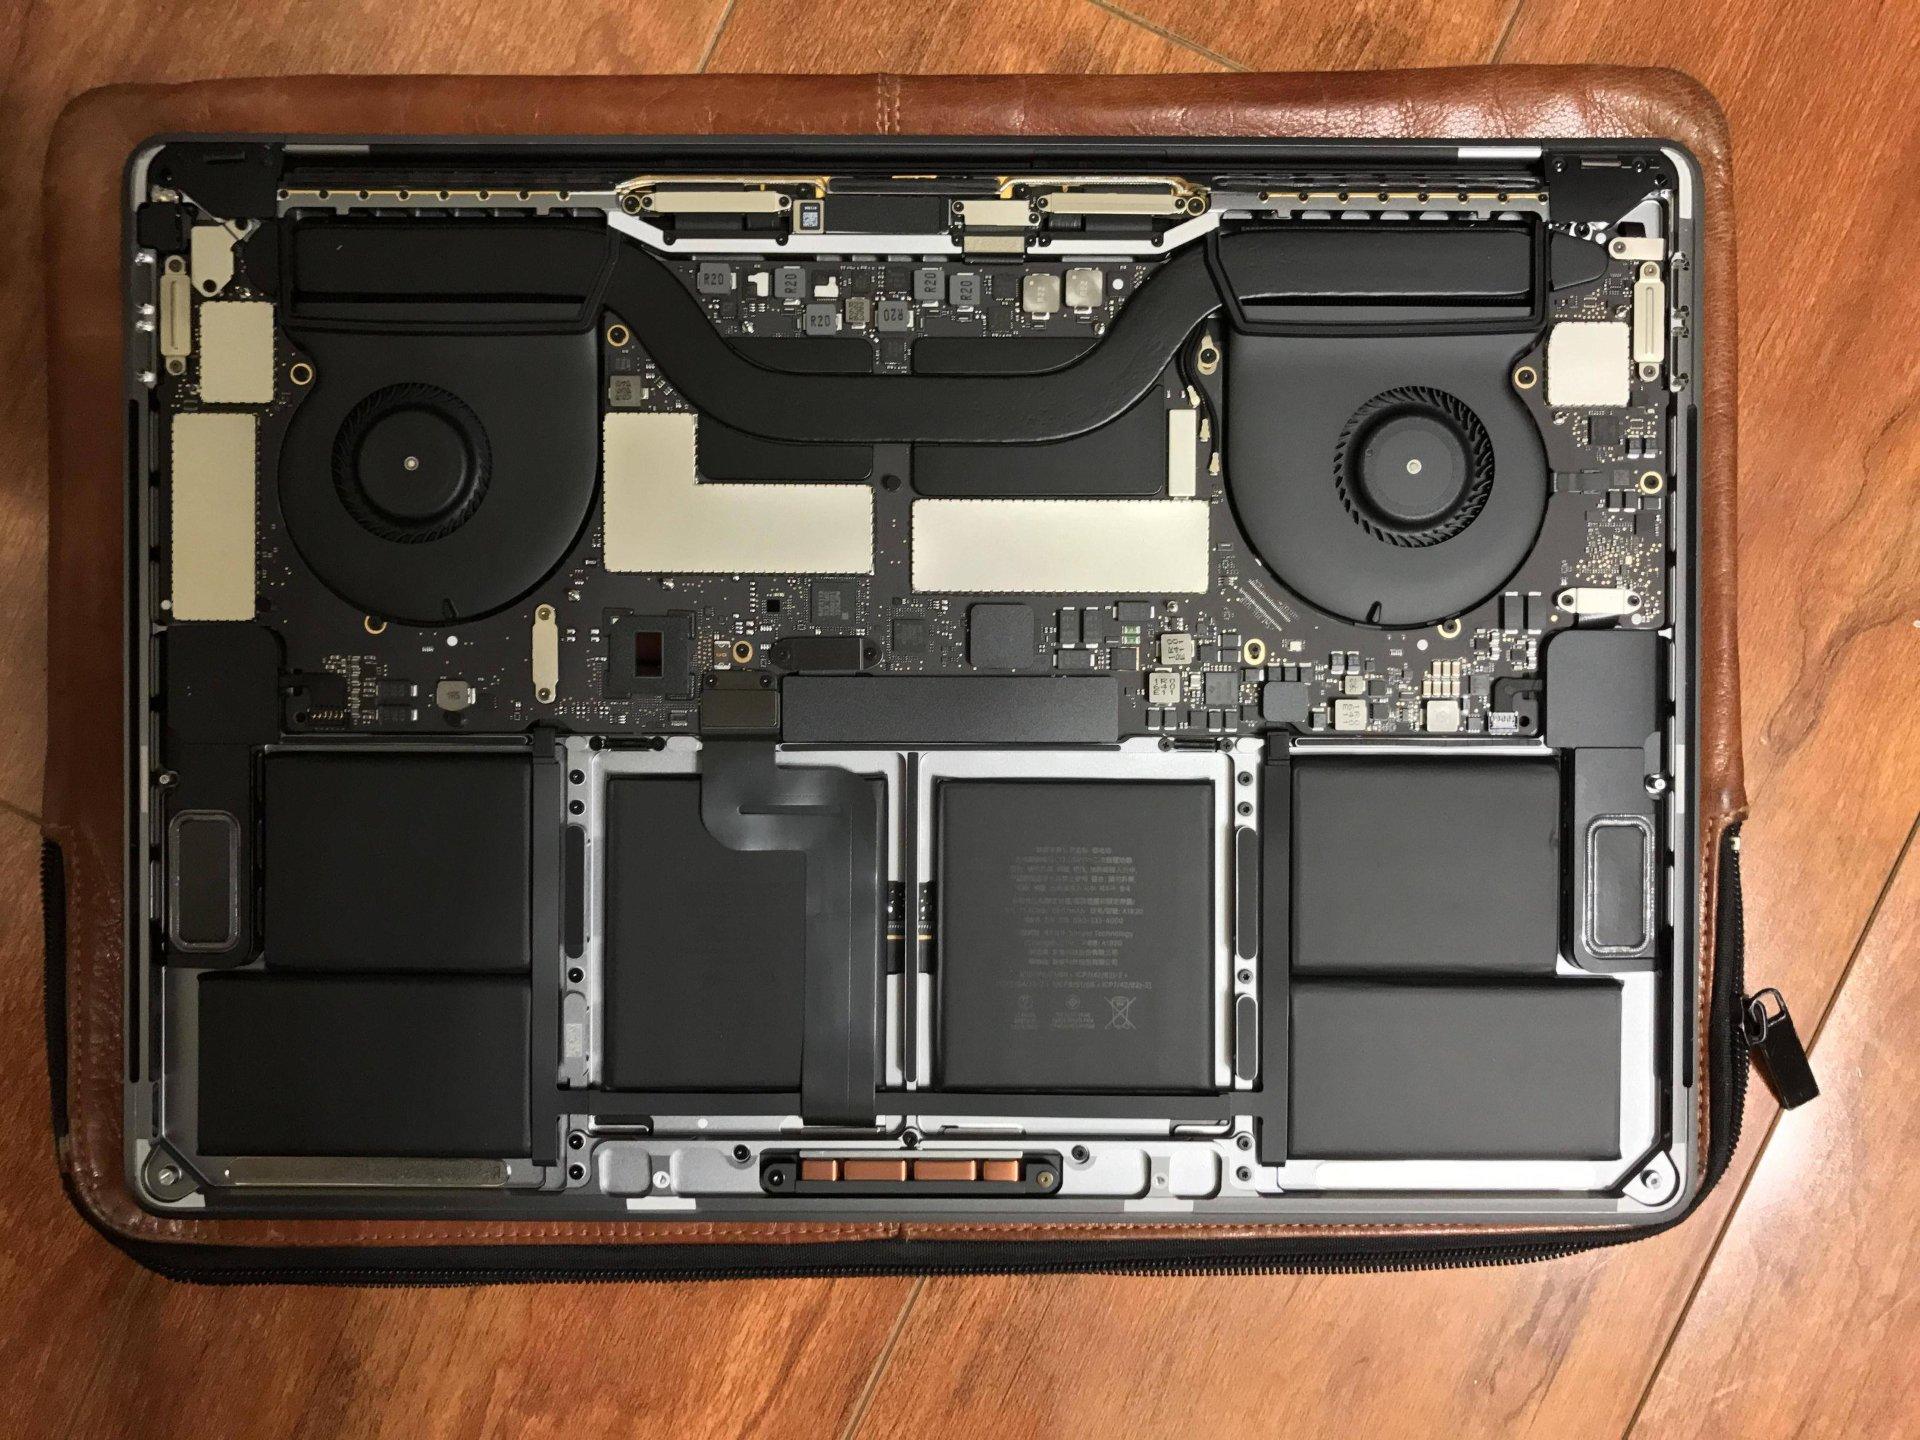 Ten sam laptop, SSD pod osłoną znajduje się na lewej krawędzi płyty głównej.